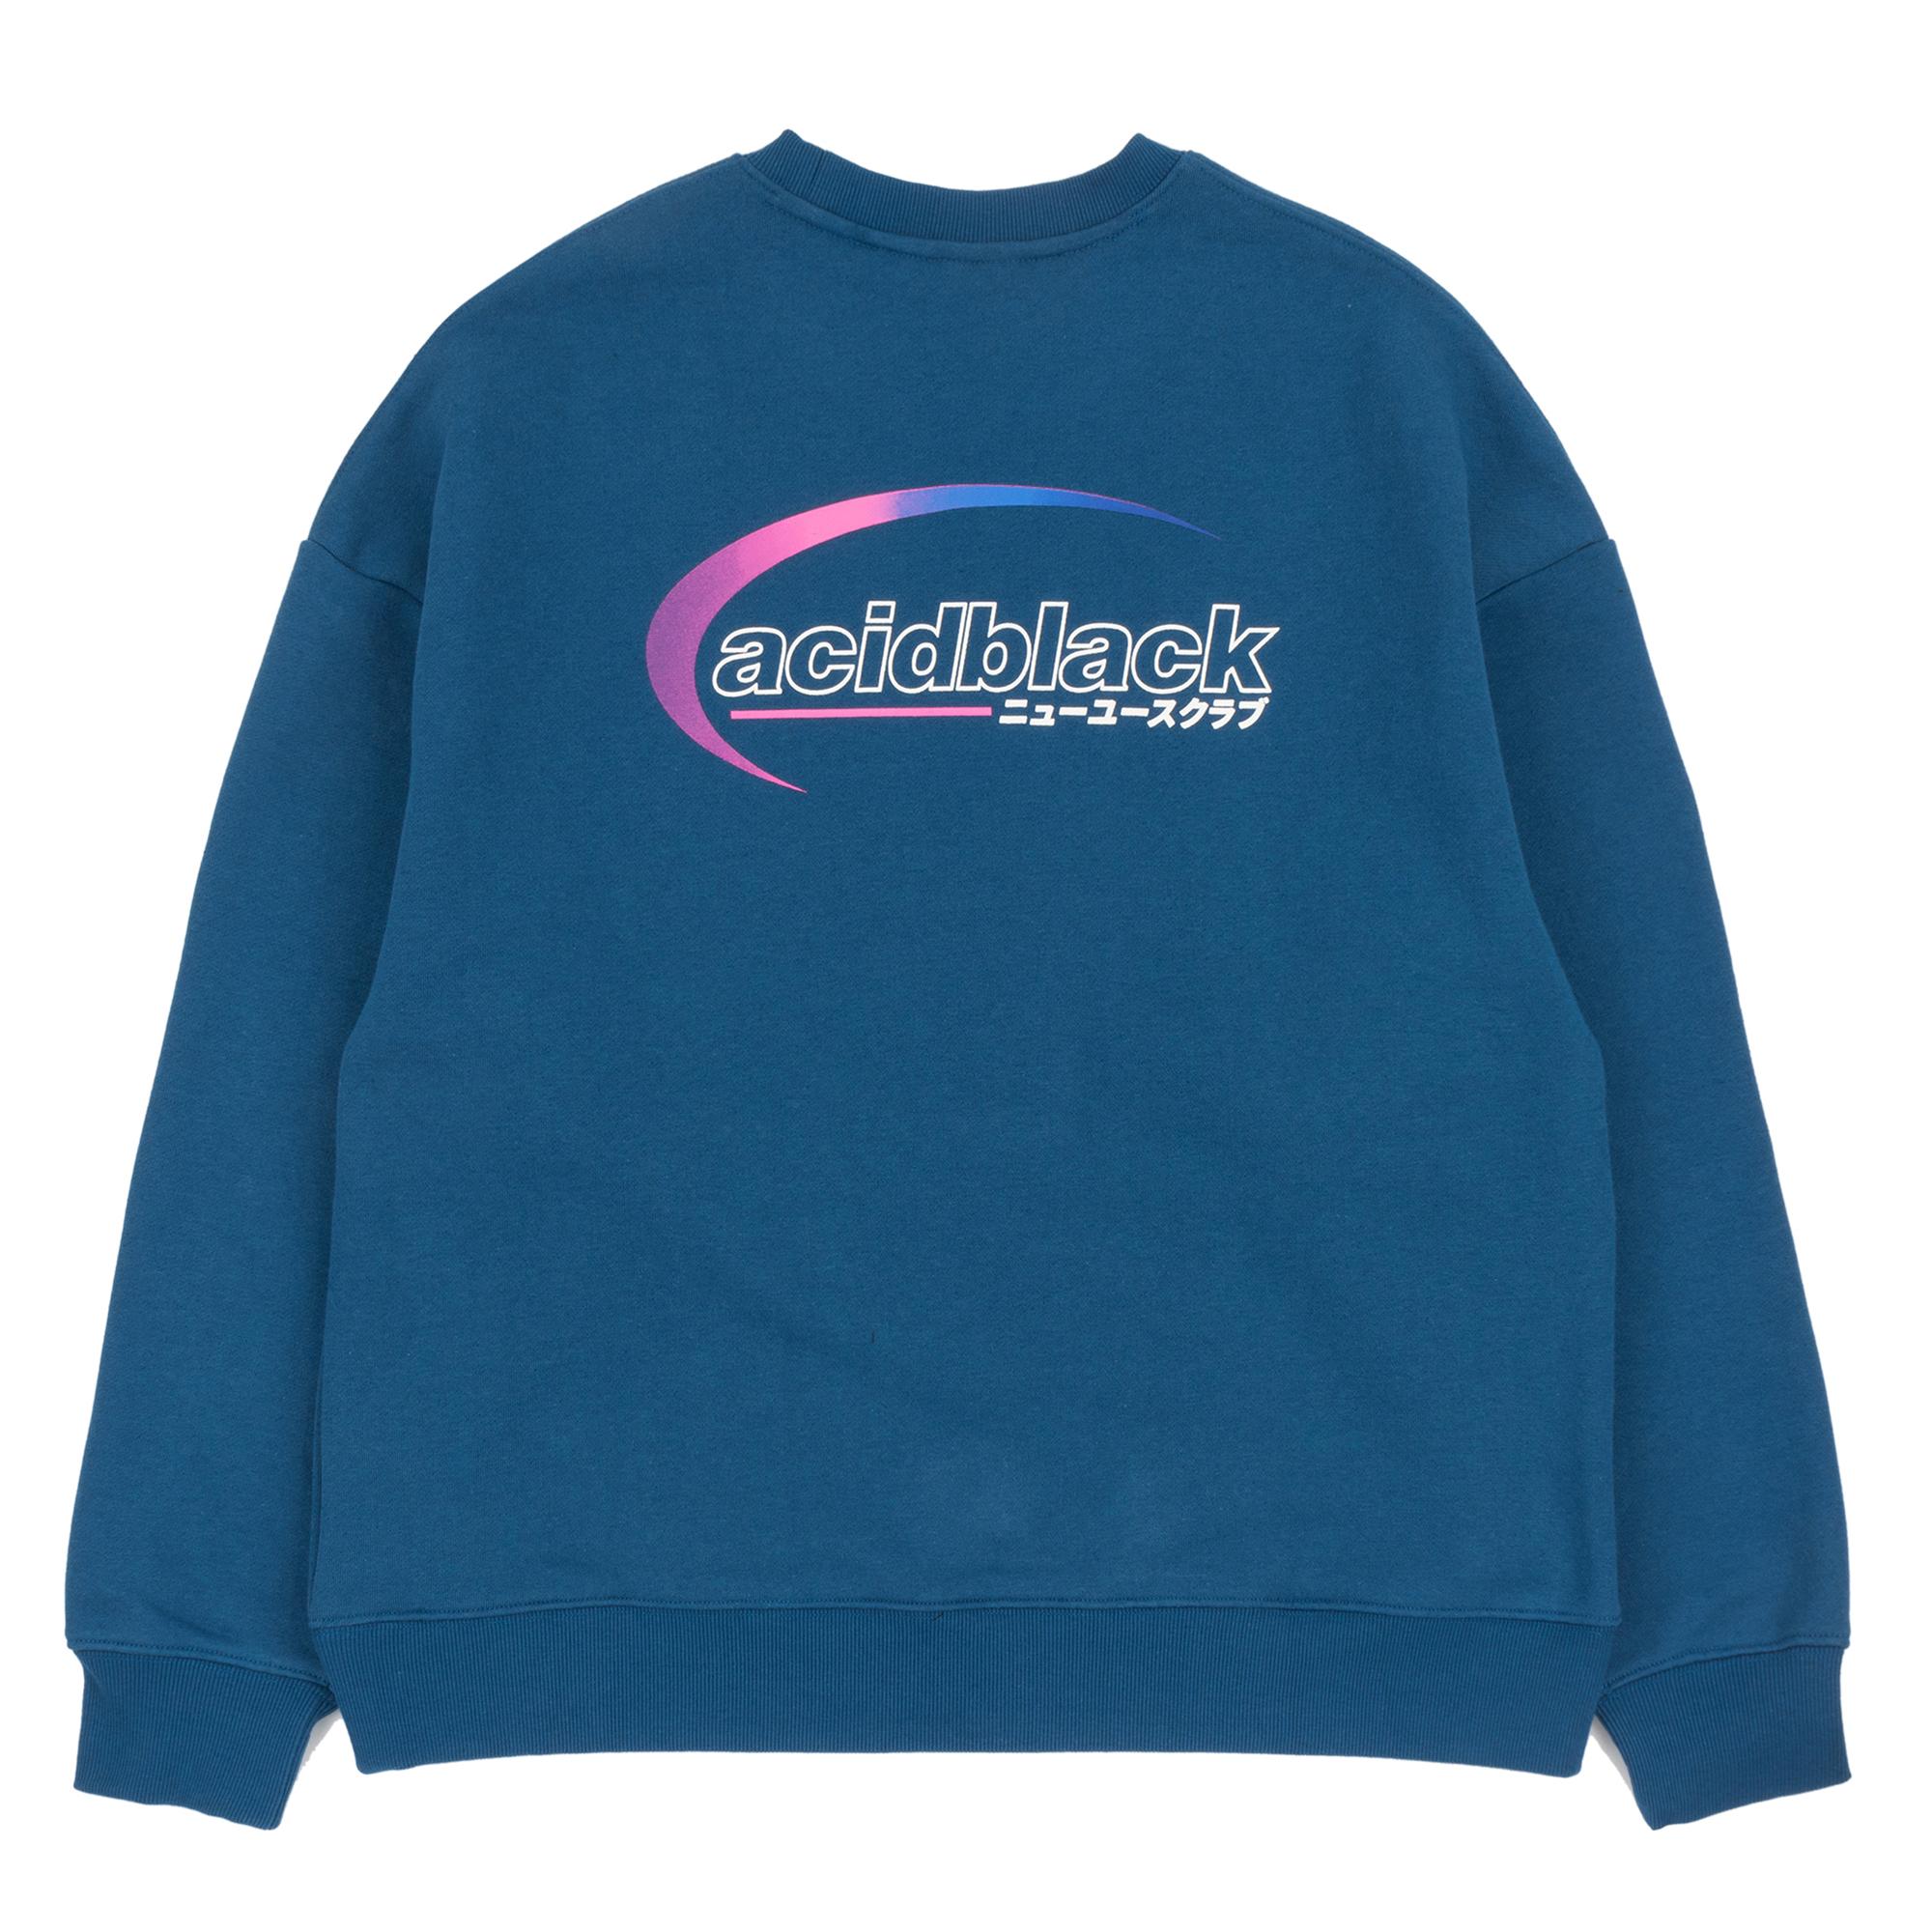 [에시드블랙] AROUND THE ORBIT MTM (NAVY) 기모 맨투맨 크루넥 스웨트셔츠